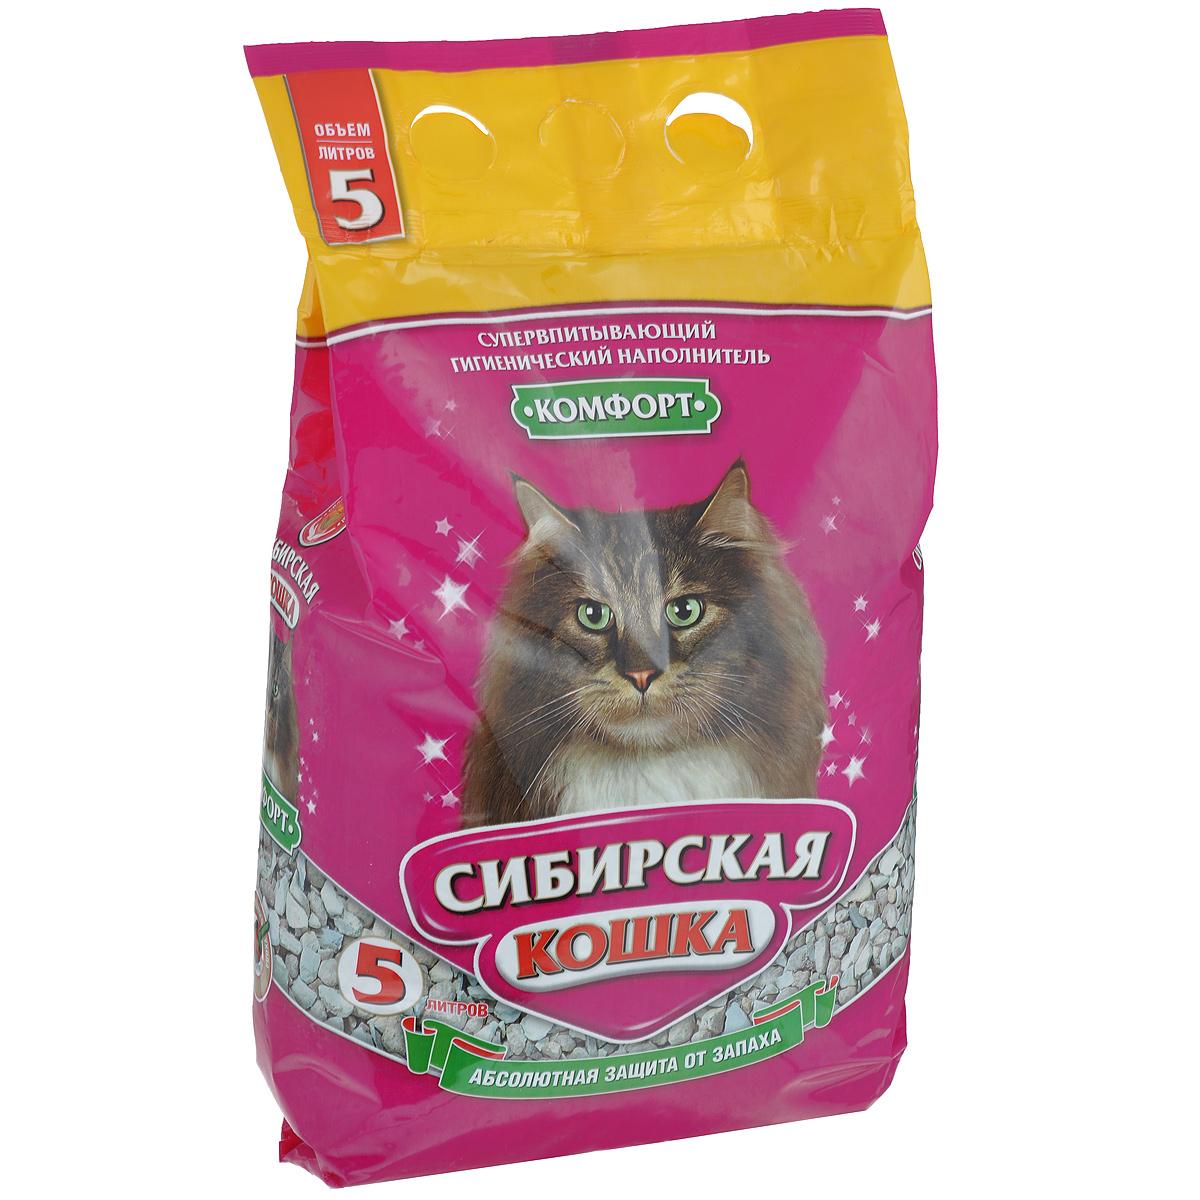 Наполнитель для кошачьих туалетов Сибирская Кошка Комфорт, 5 л0091Экологически чистый супервпитывающий наполнитель для кошачьих туалетов Сибирская Кошка Комфорт производится из опоки - легкой, твердой, кремнистой сильно-тонко-пористой горной породы, богатой (до 97%) аморфным кремнеземом, с примесью песка и глинистых частиц. Опока - сильный адсорбент. Полностью поглощает все неприятные запахи, подавляет рост бактерий и других микроорганизмов. Быстро впитывает влагу. Не образует никаких комков и грязи, поэтому не требуется ежедневного ухода за кошачьим туалетом. Состав: опока (горная порода). Объем: 5 л. Товар сертифицирован.